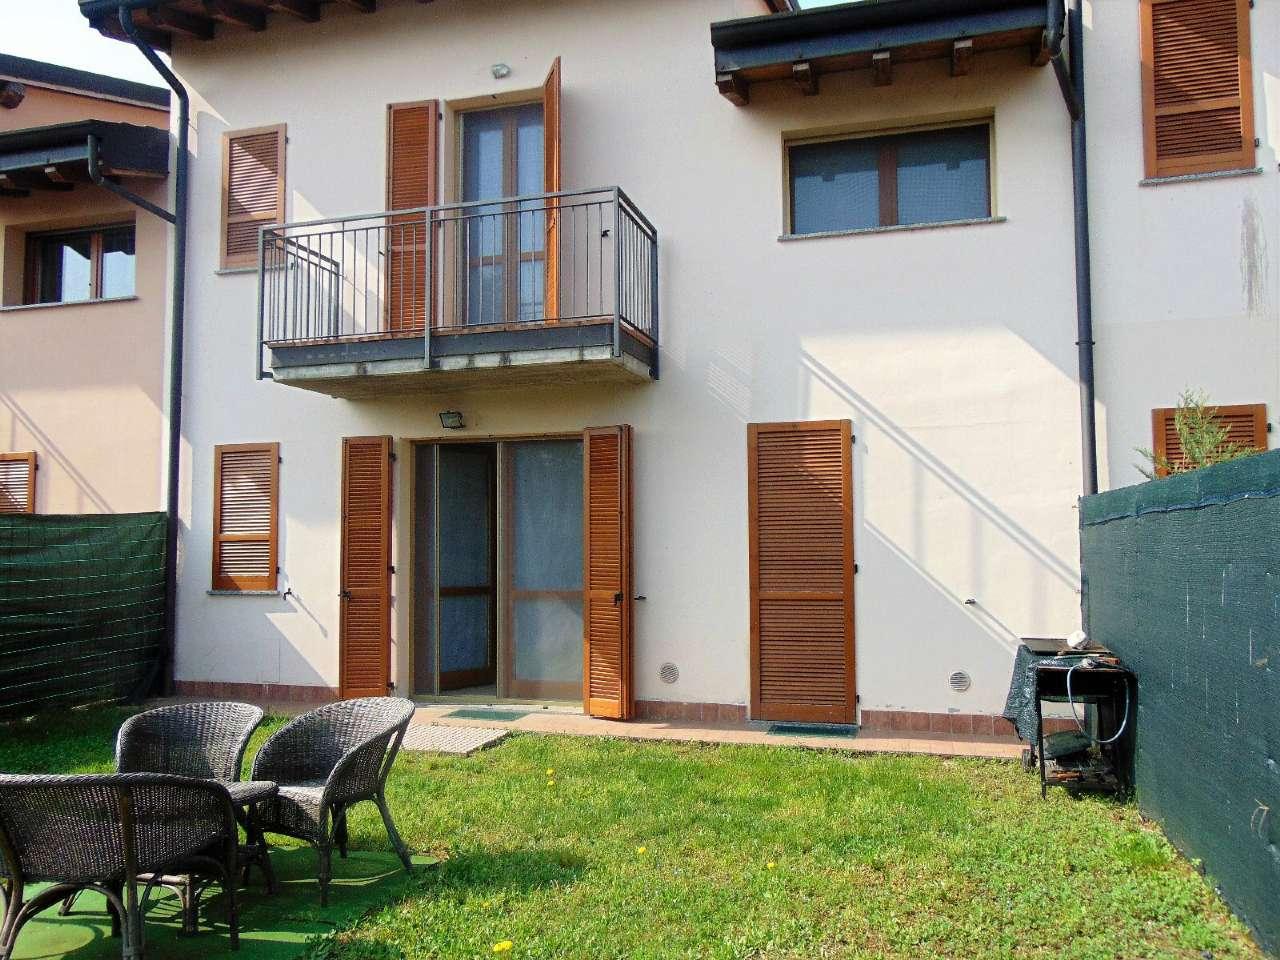 Villa a Schiera in vendita a Fontanella, 5 locali, prezzo € 160.000 | CambioCasa.it